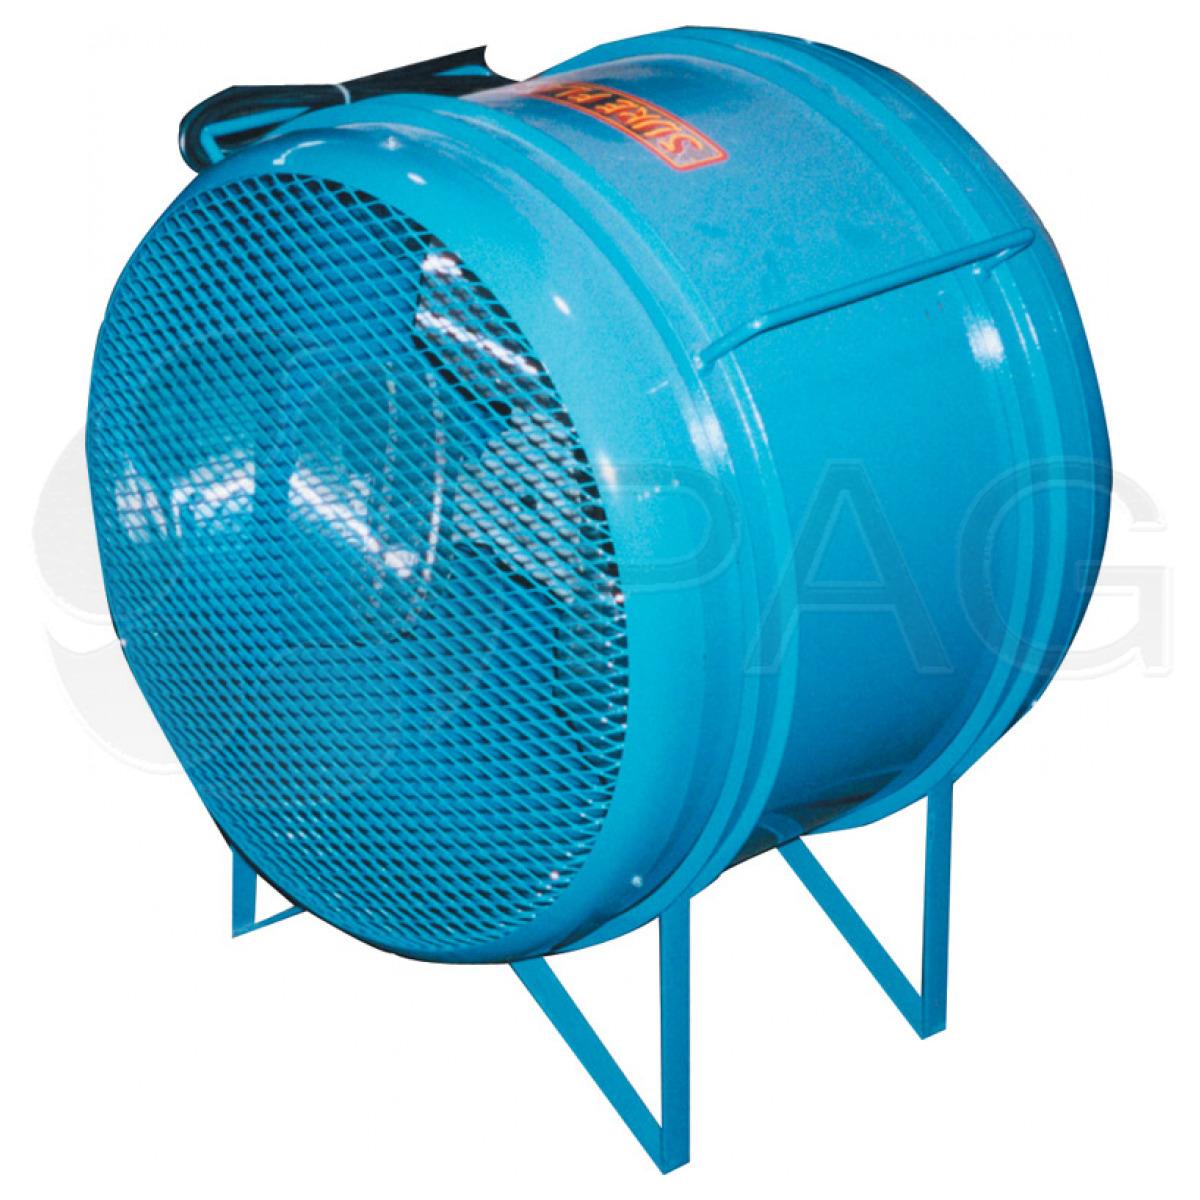 Heat Wagon FN20 blower fan